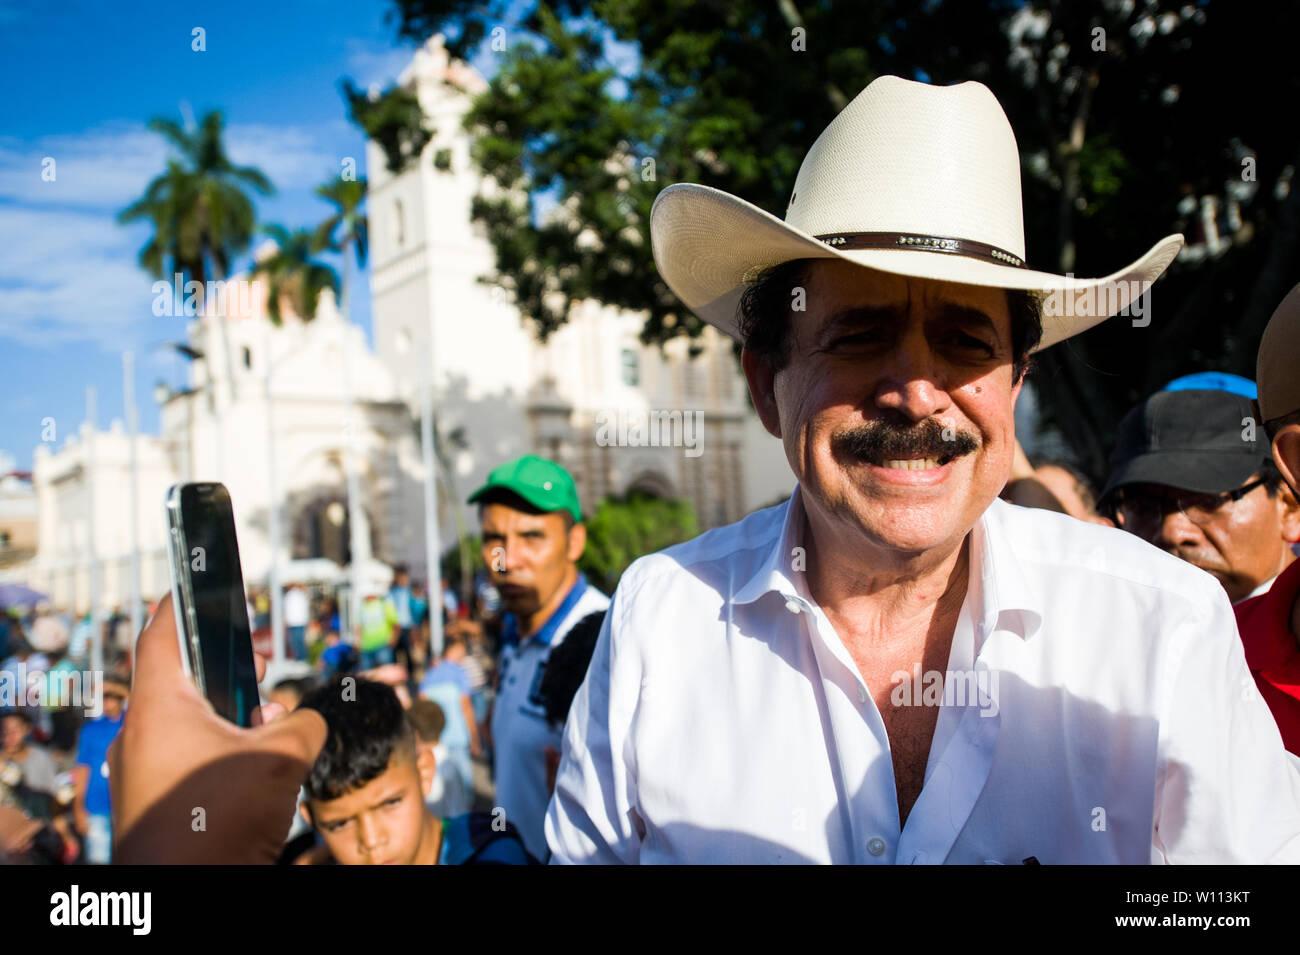 Tegucigalpa, Honduras. El 29 de junio, 2019. Forme el presidente de Honduras, Manuel Zelaya, participa en un concierto para conmemorar los 10 años de aniversario de golpe de crédito: Camilo Freedman/Zuma alambre/Alamy Live News Foto de stock